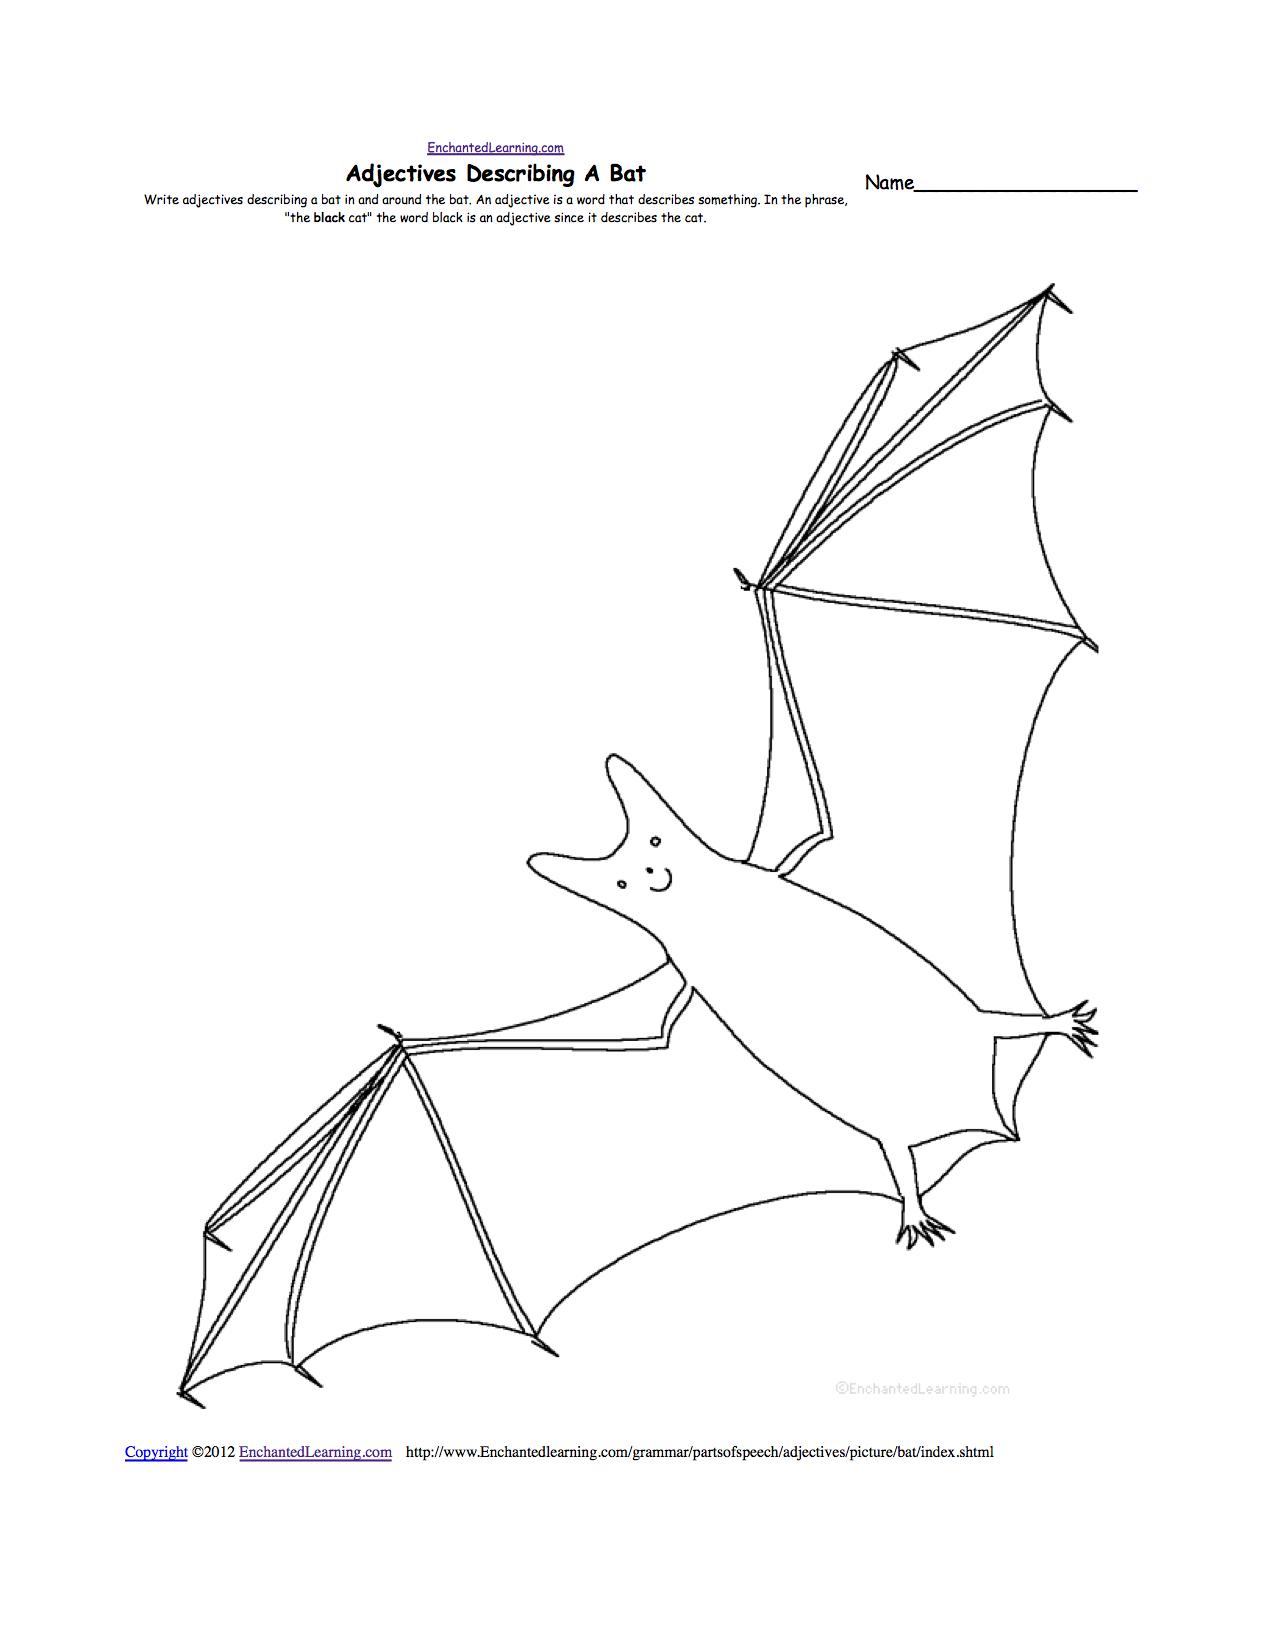 Bats At Enchantedlearning - Free Printable Bat Writing Paper